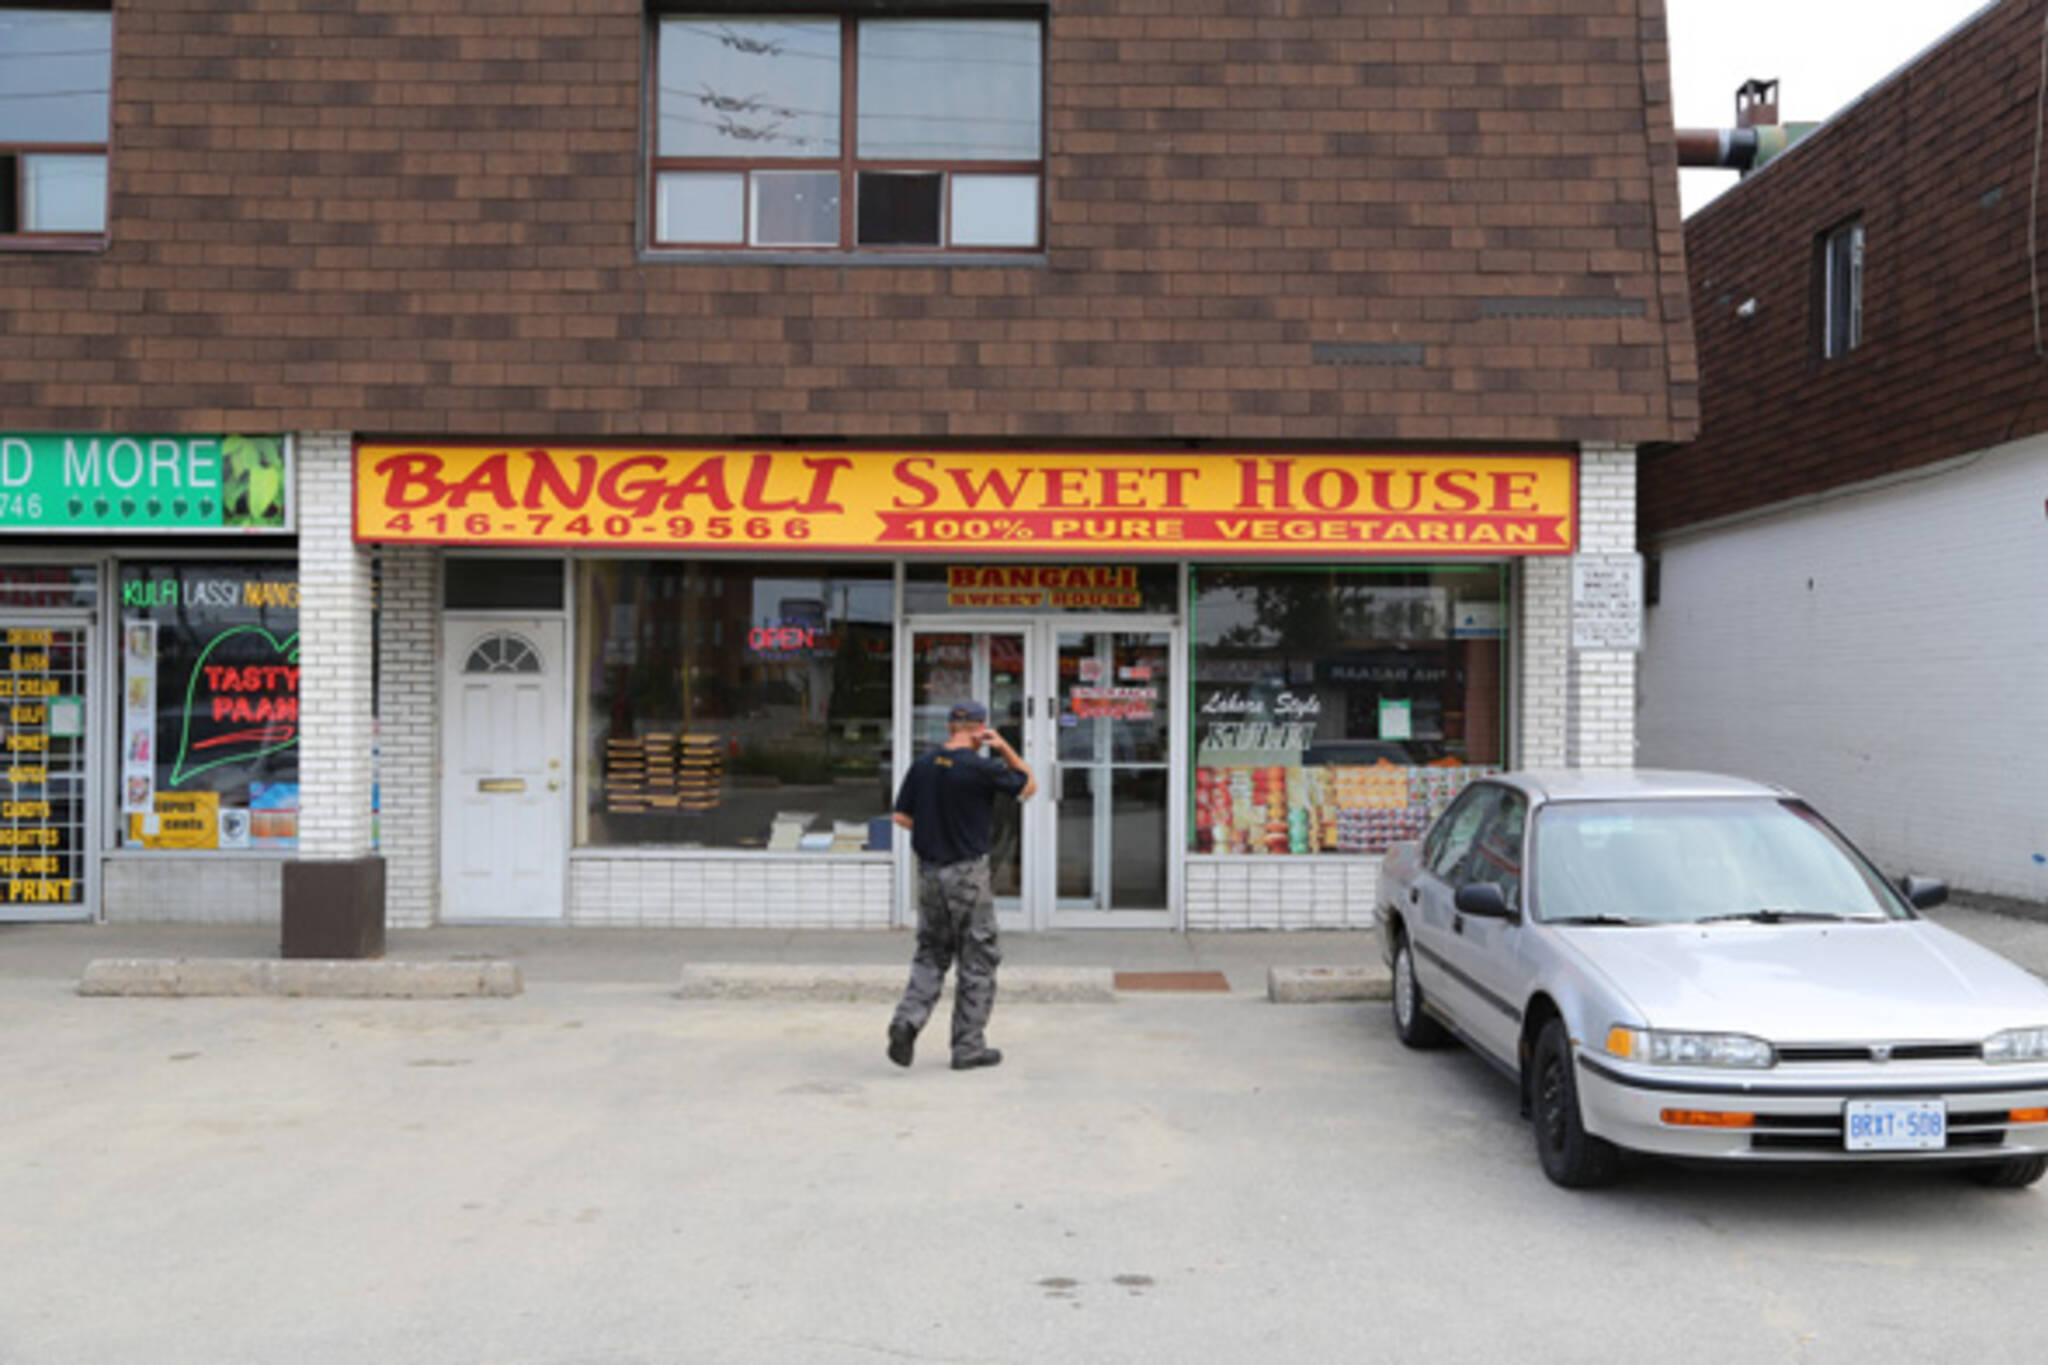 201379-bangali-sweet-house.jpg